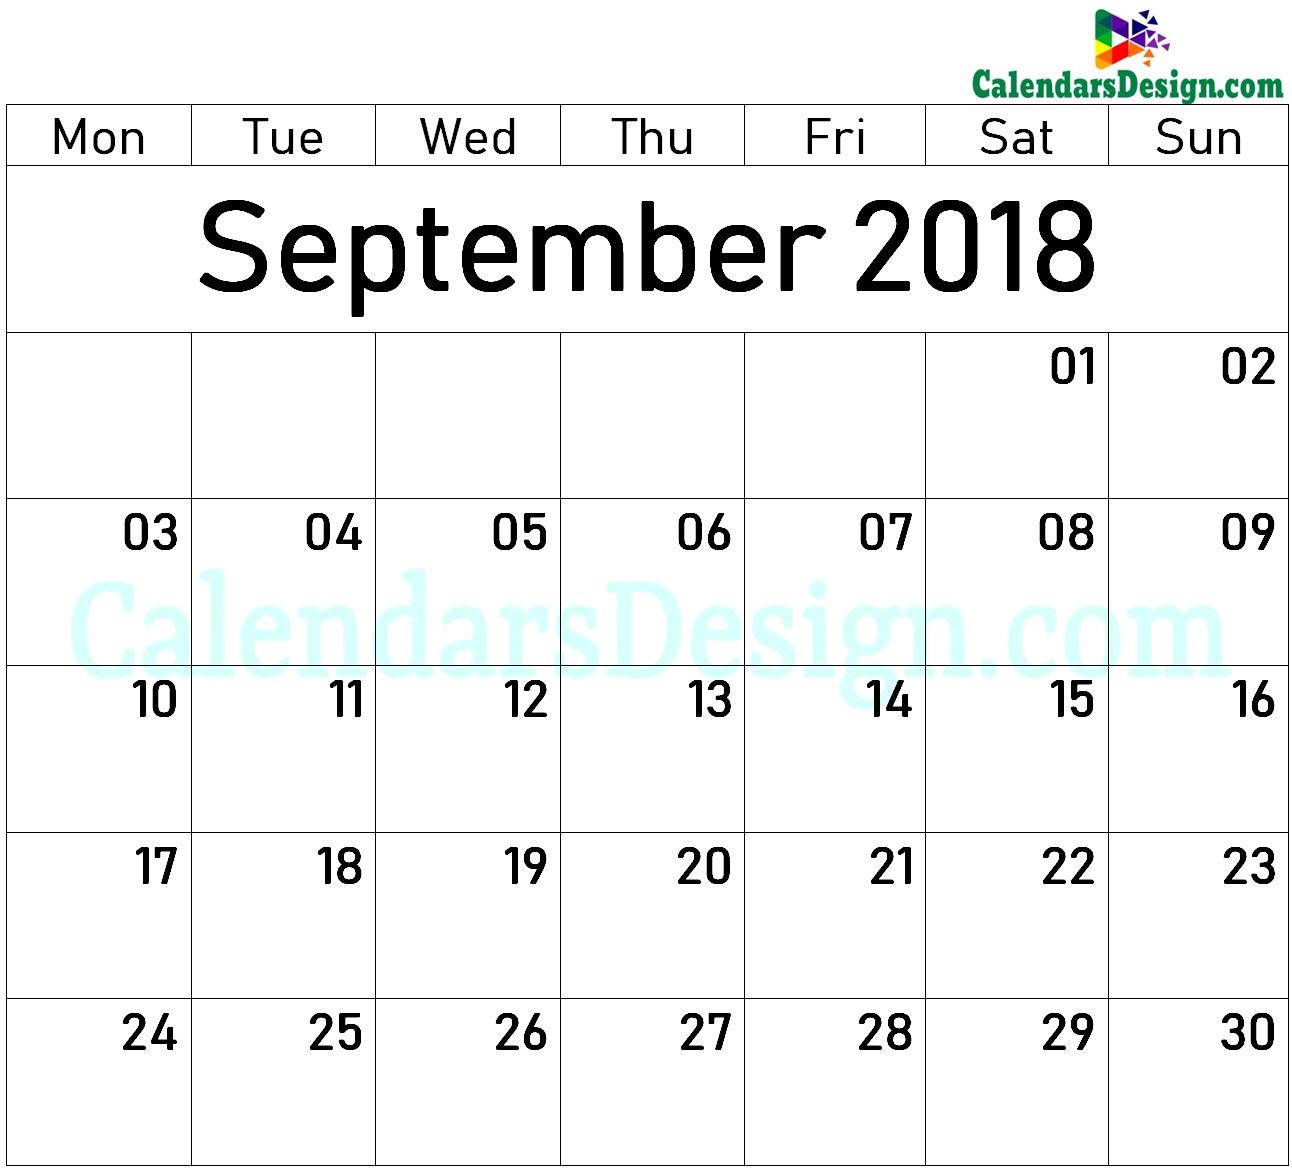 Blank Calendar for September 2018